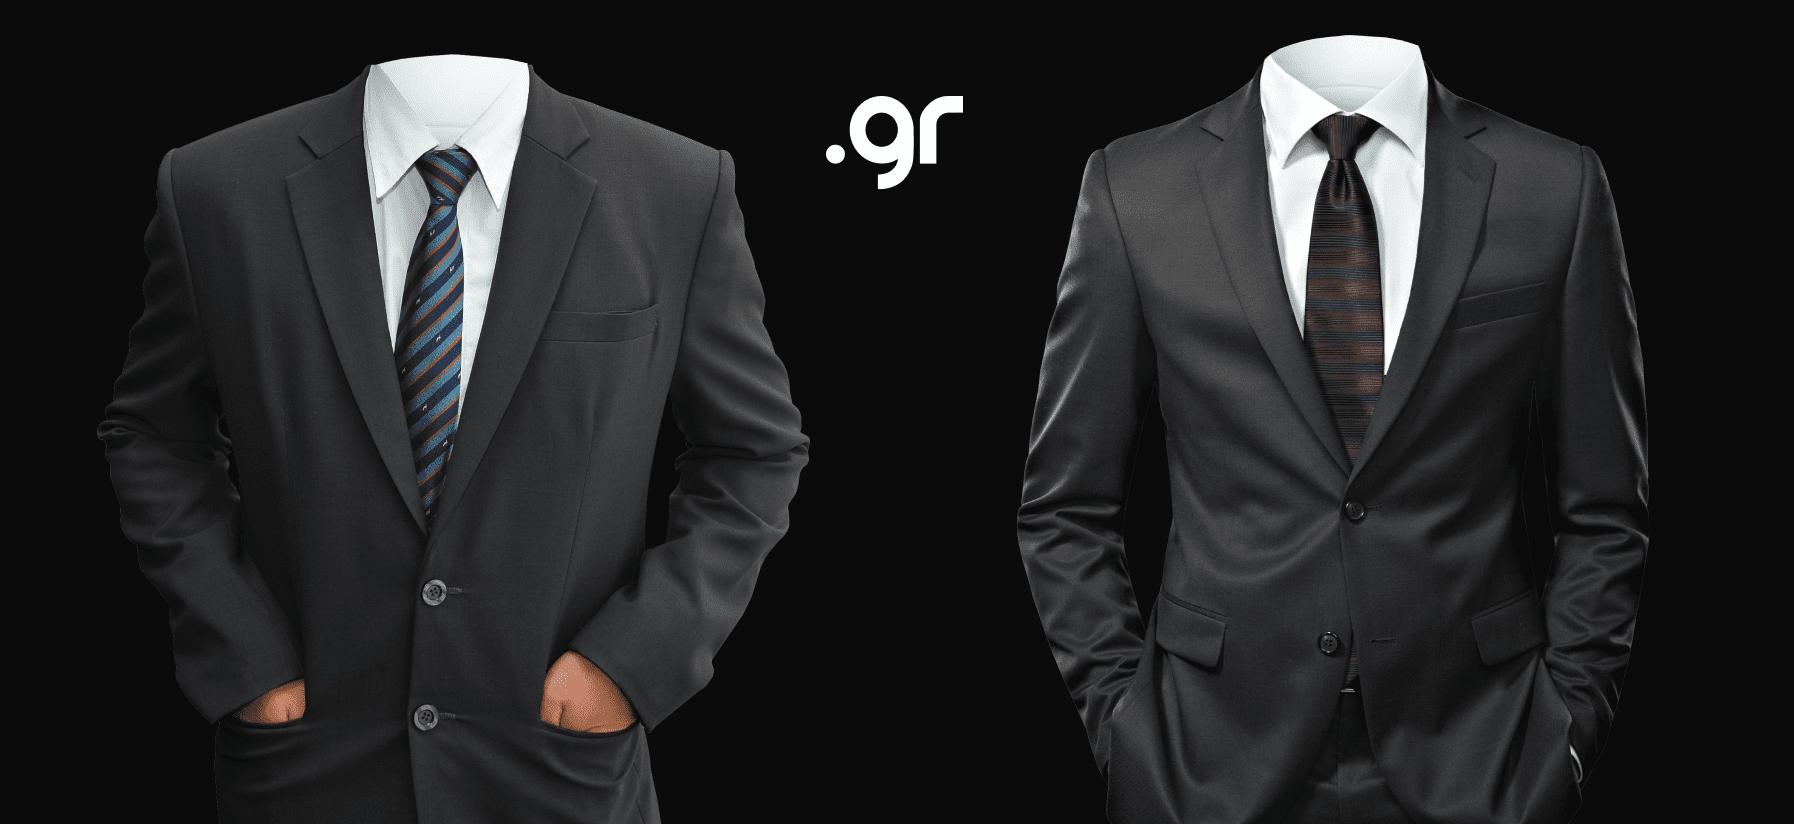 Obleky a vývoj. Prečo sú si viac podobné, než by si čakal?